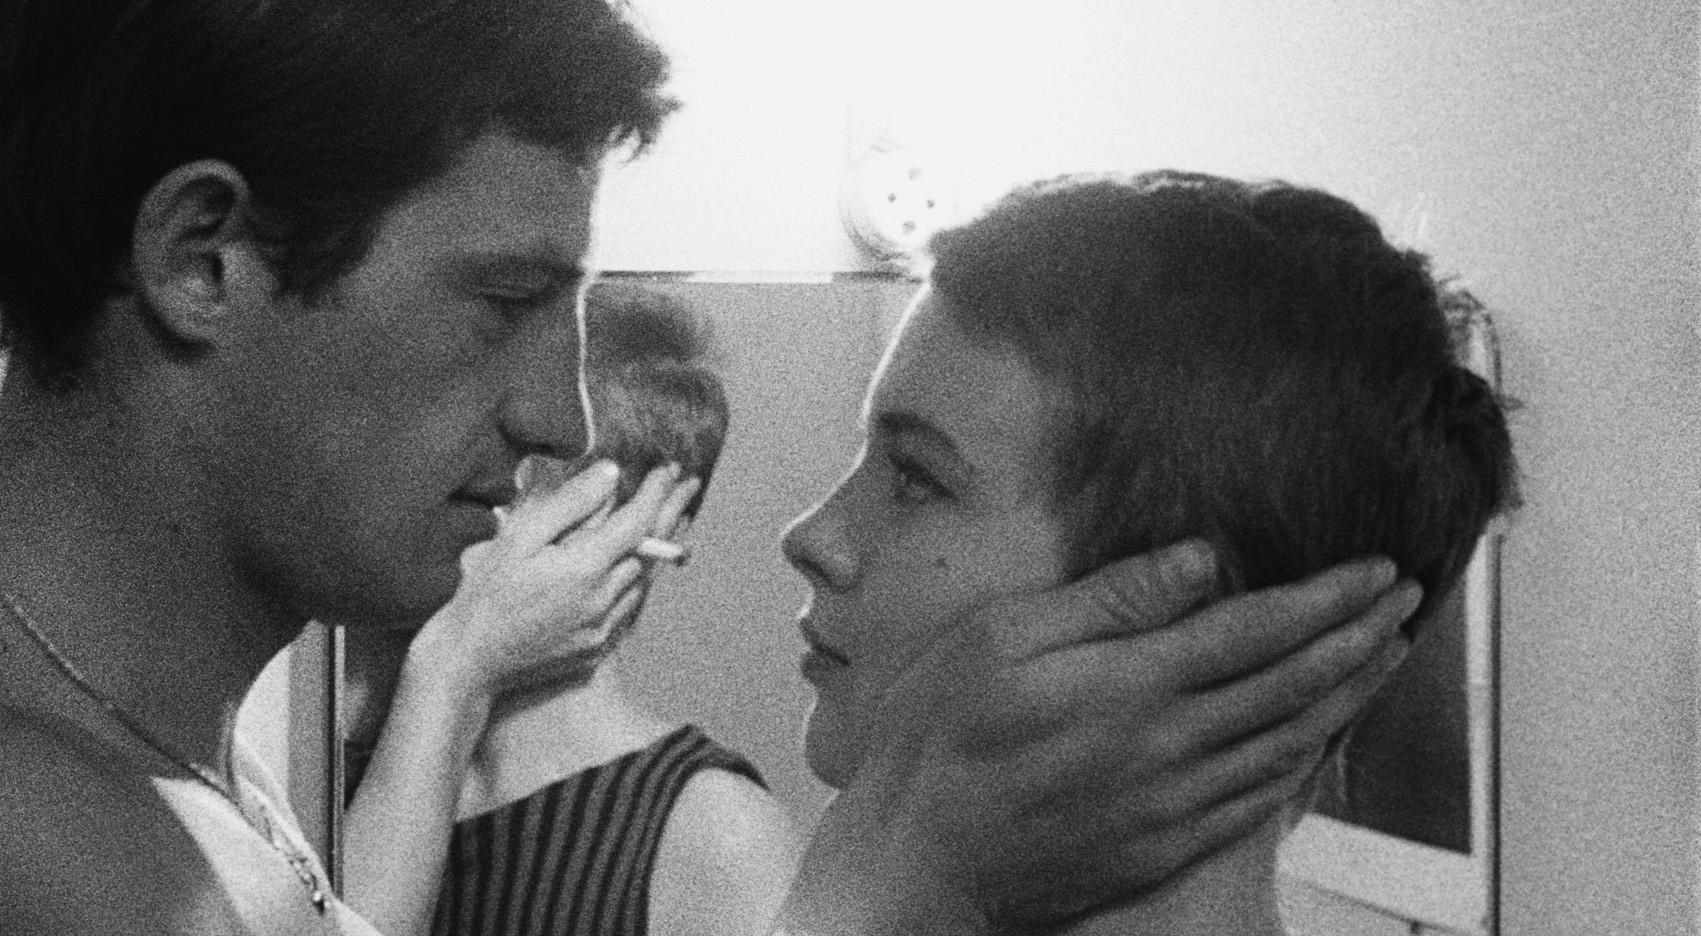 Risultati immagini per fino all'ultimo respiro film 1960